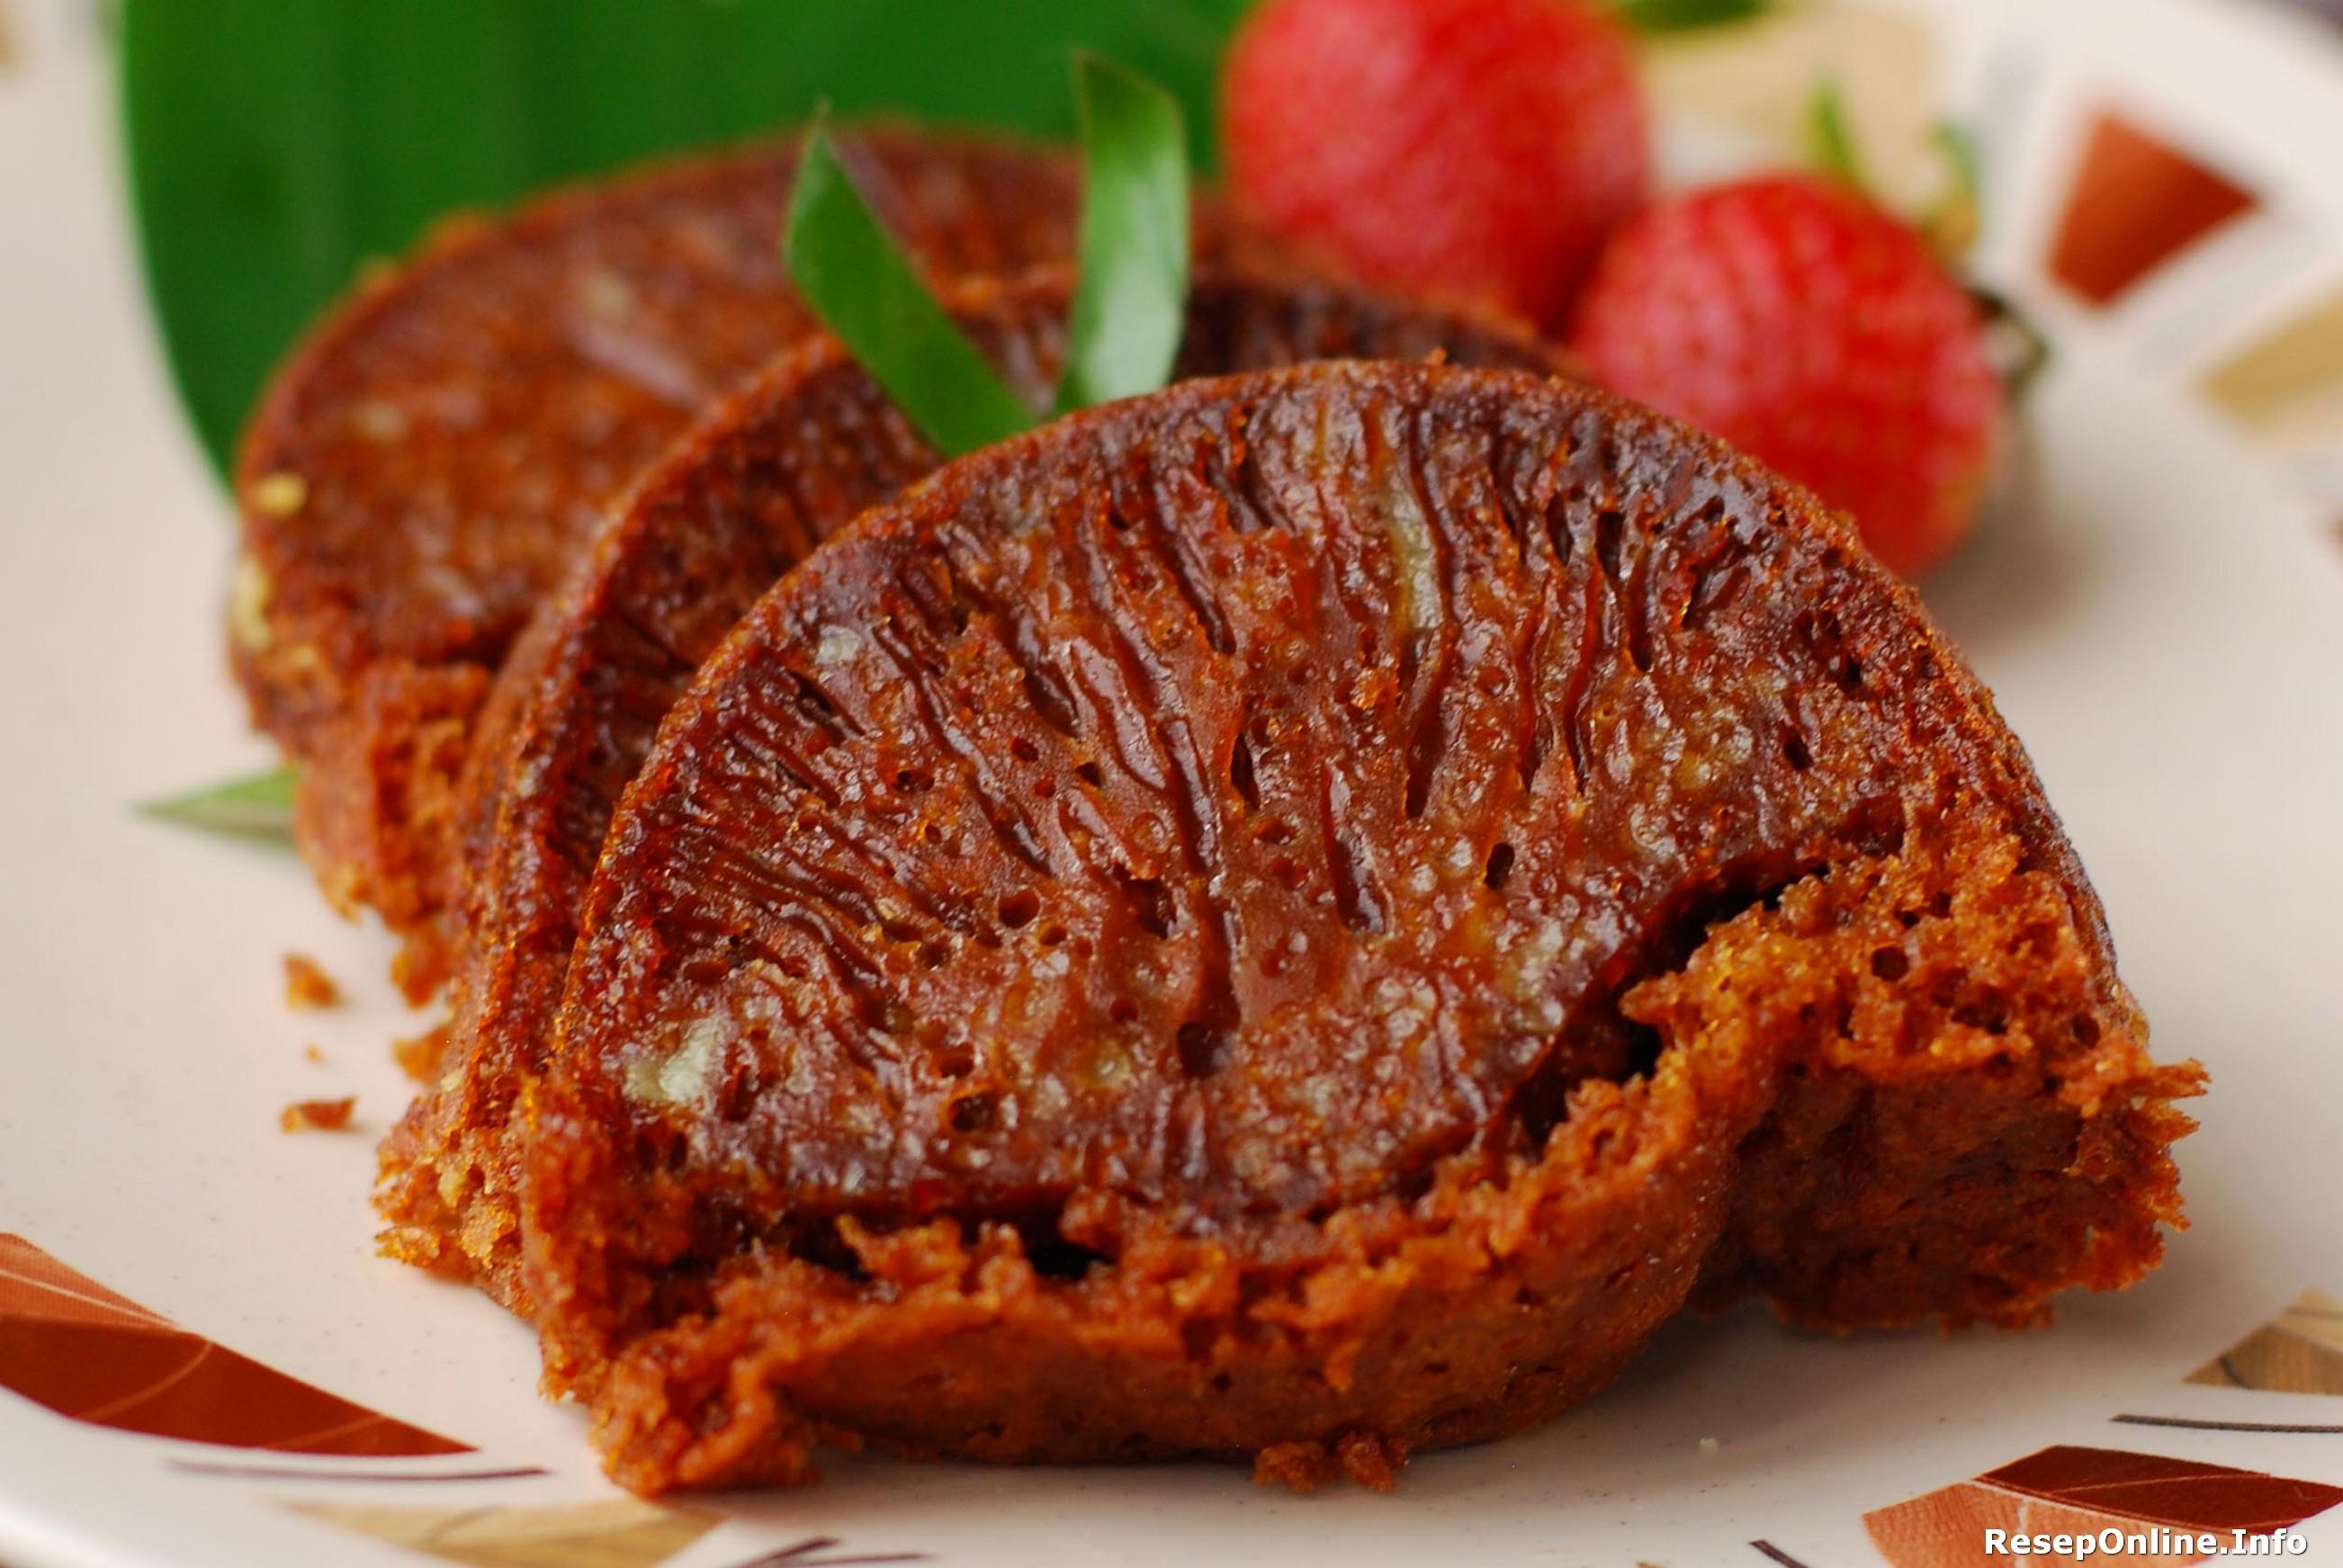 Inilah Resep Kue Sarang Semut Karamel Lembut Dan Nikmat